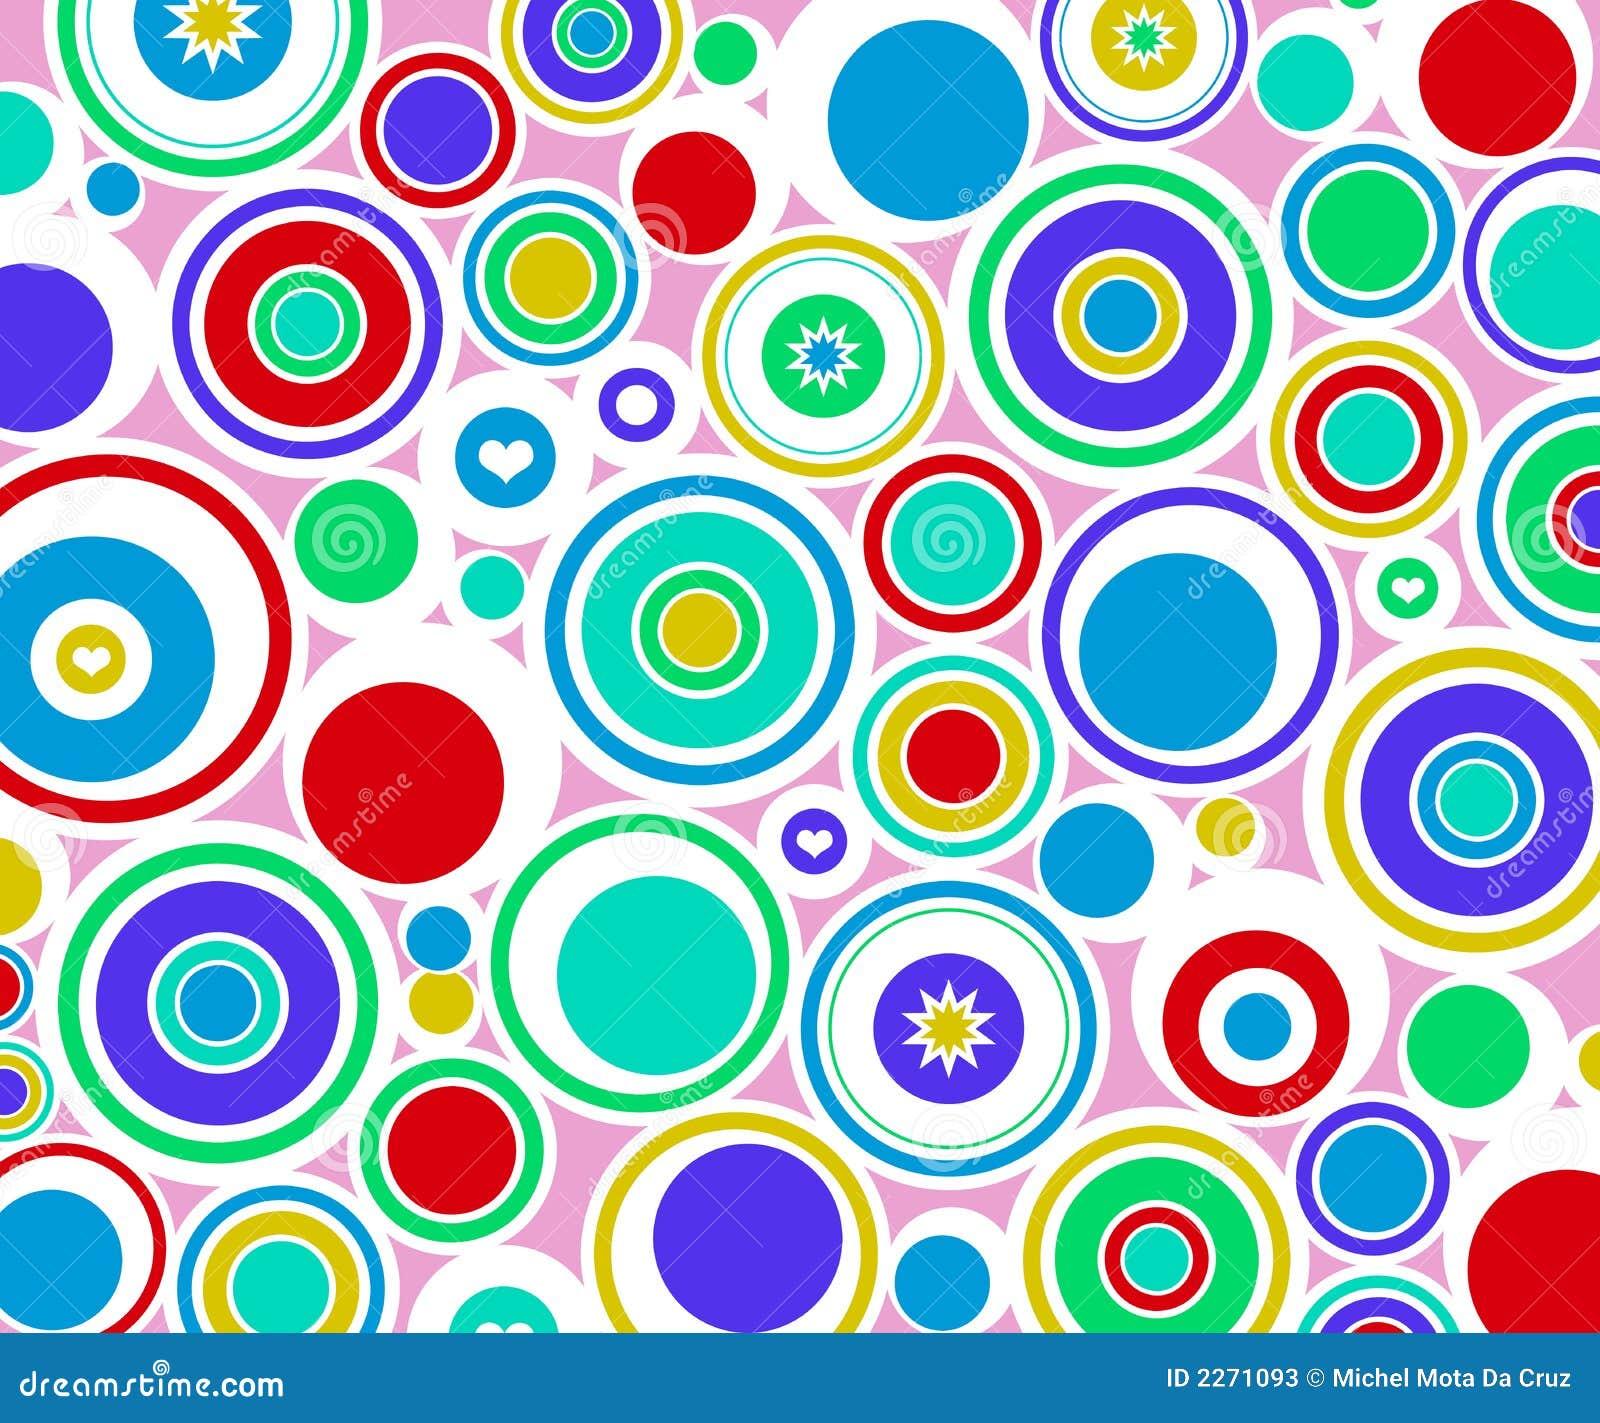 abstract circles retro stock illustration  image of circle